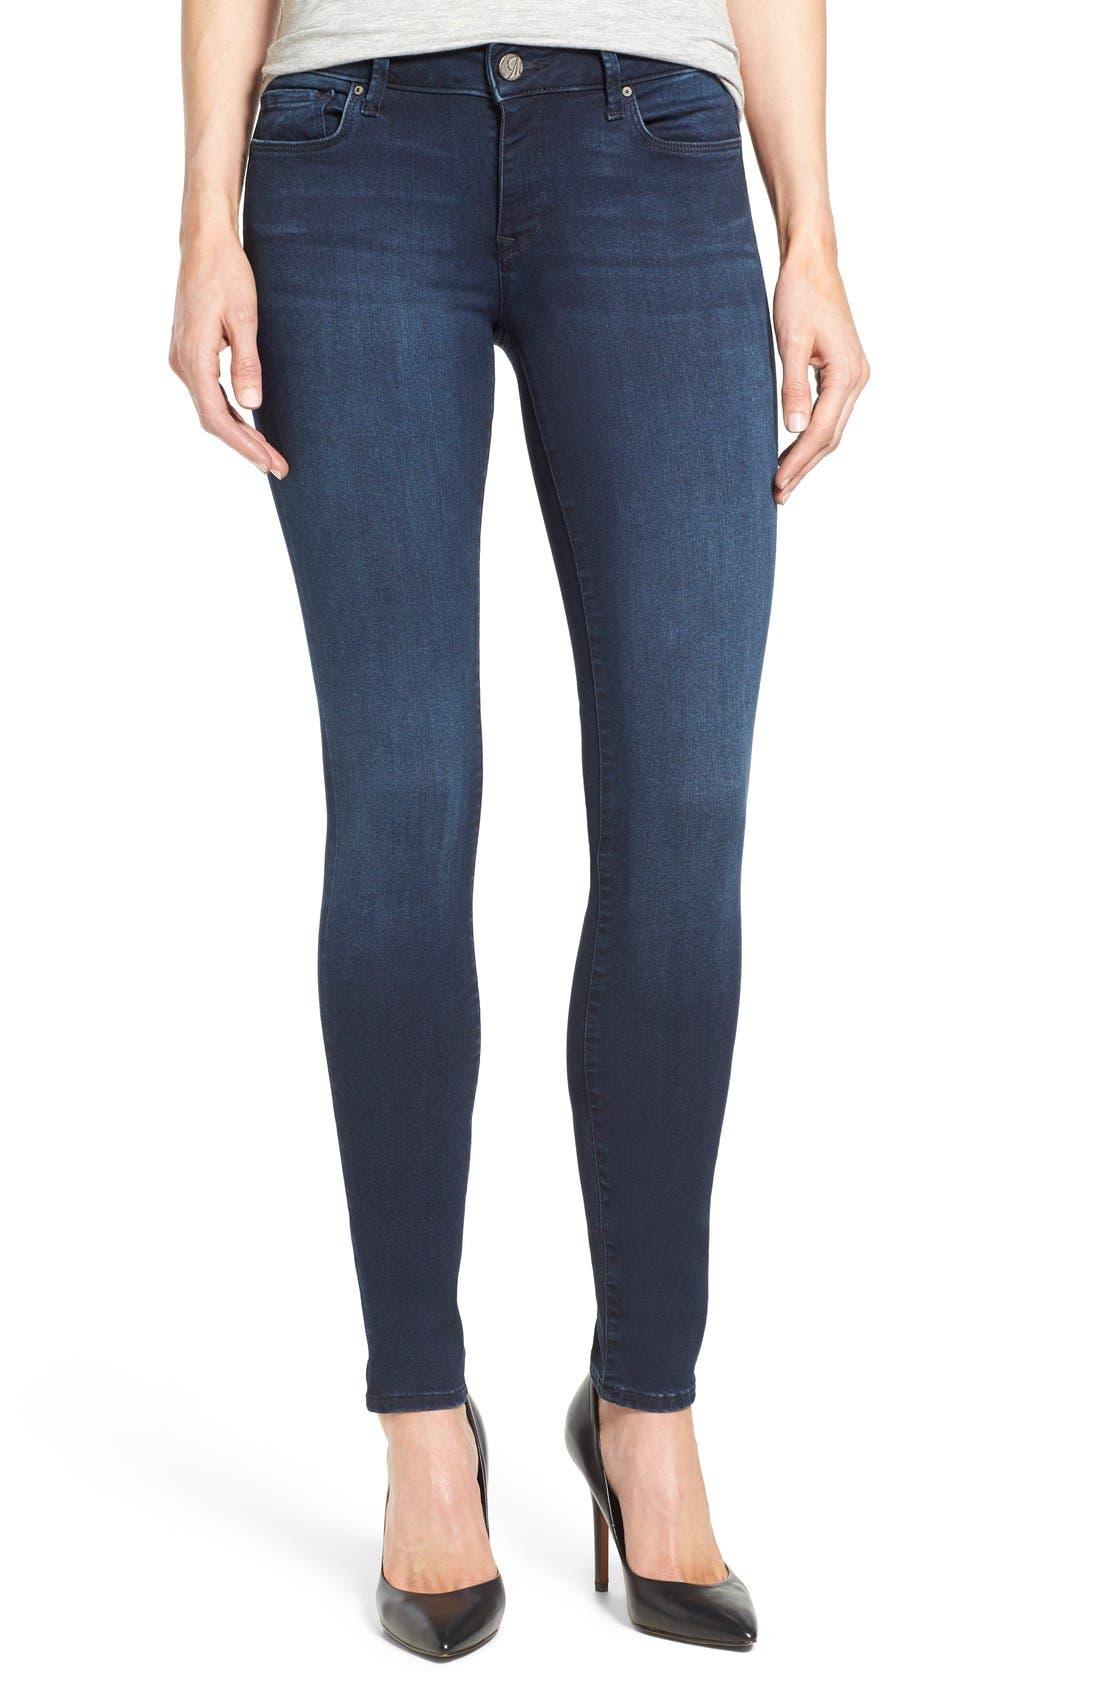 Mavi Jeans 'Adriana' Stretch Skinny Jeans